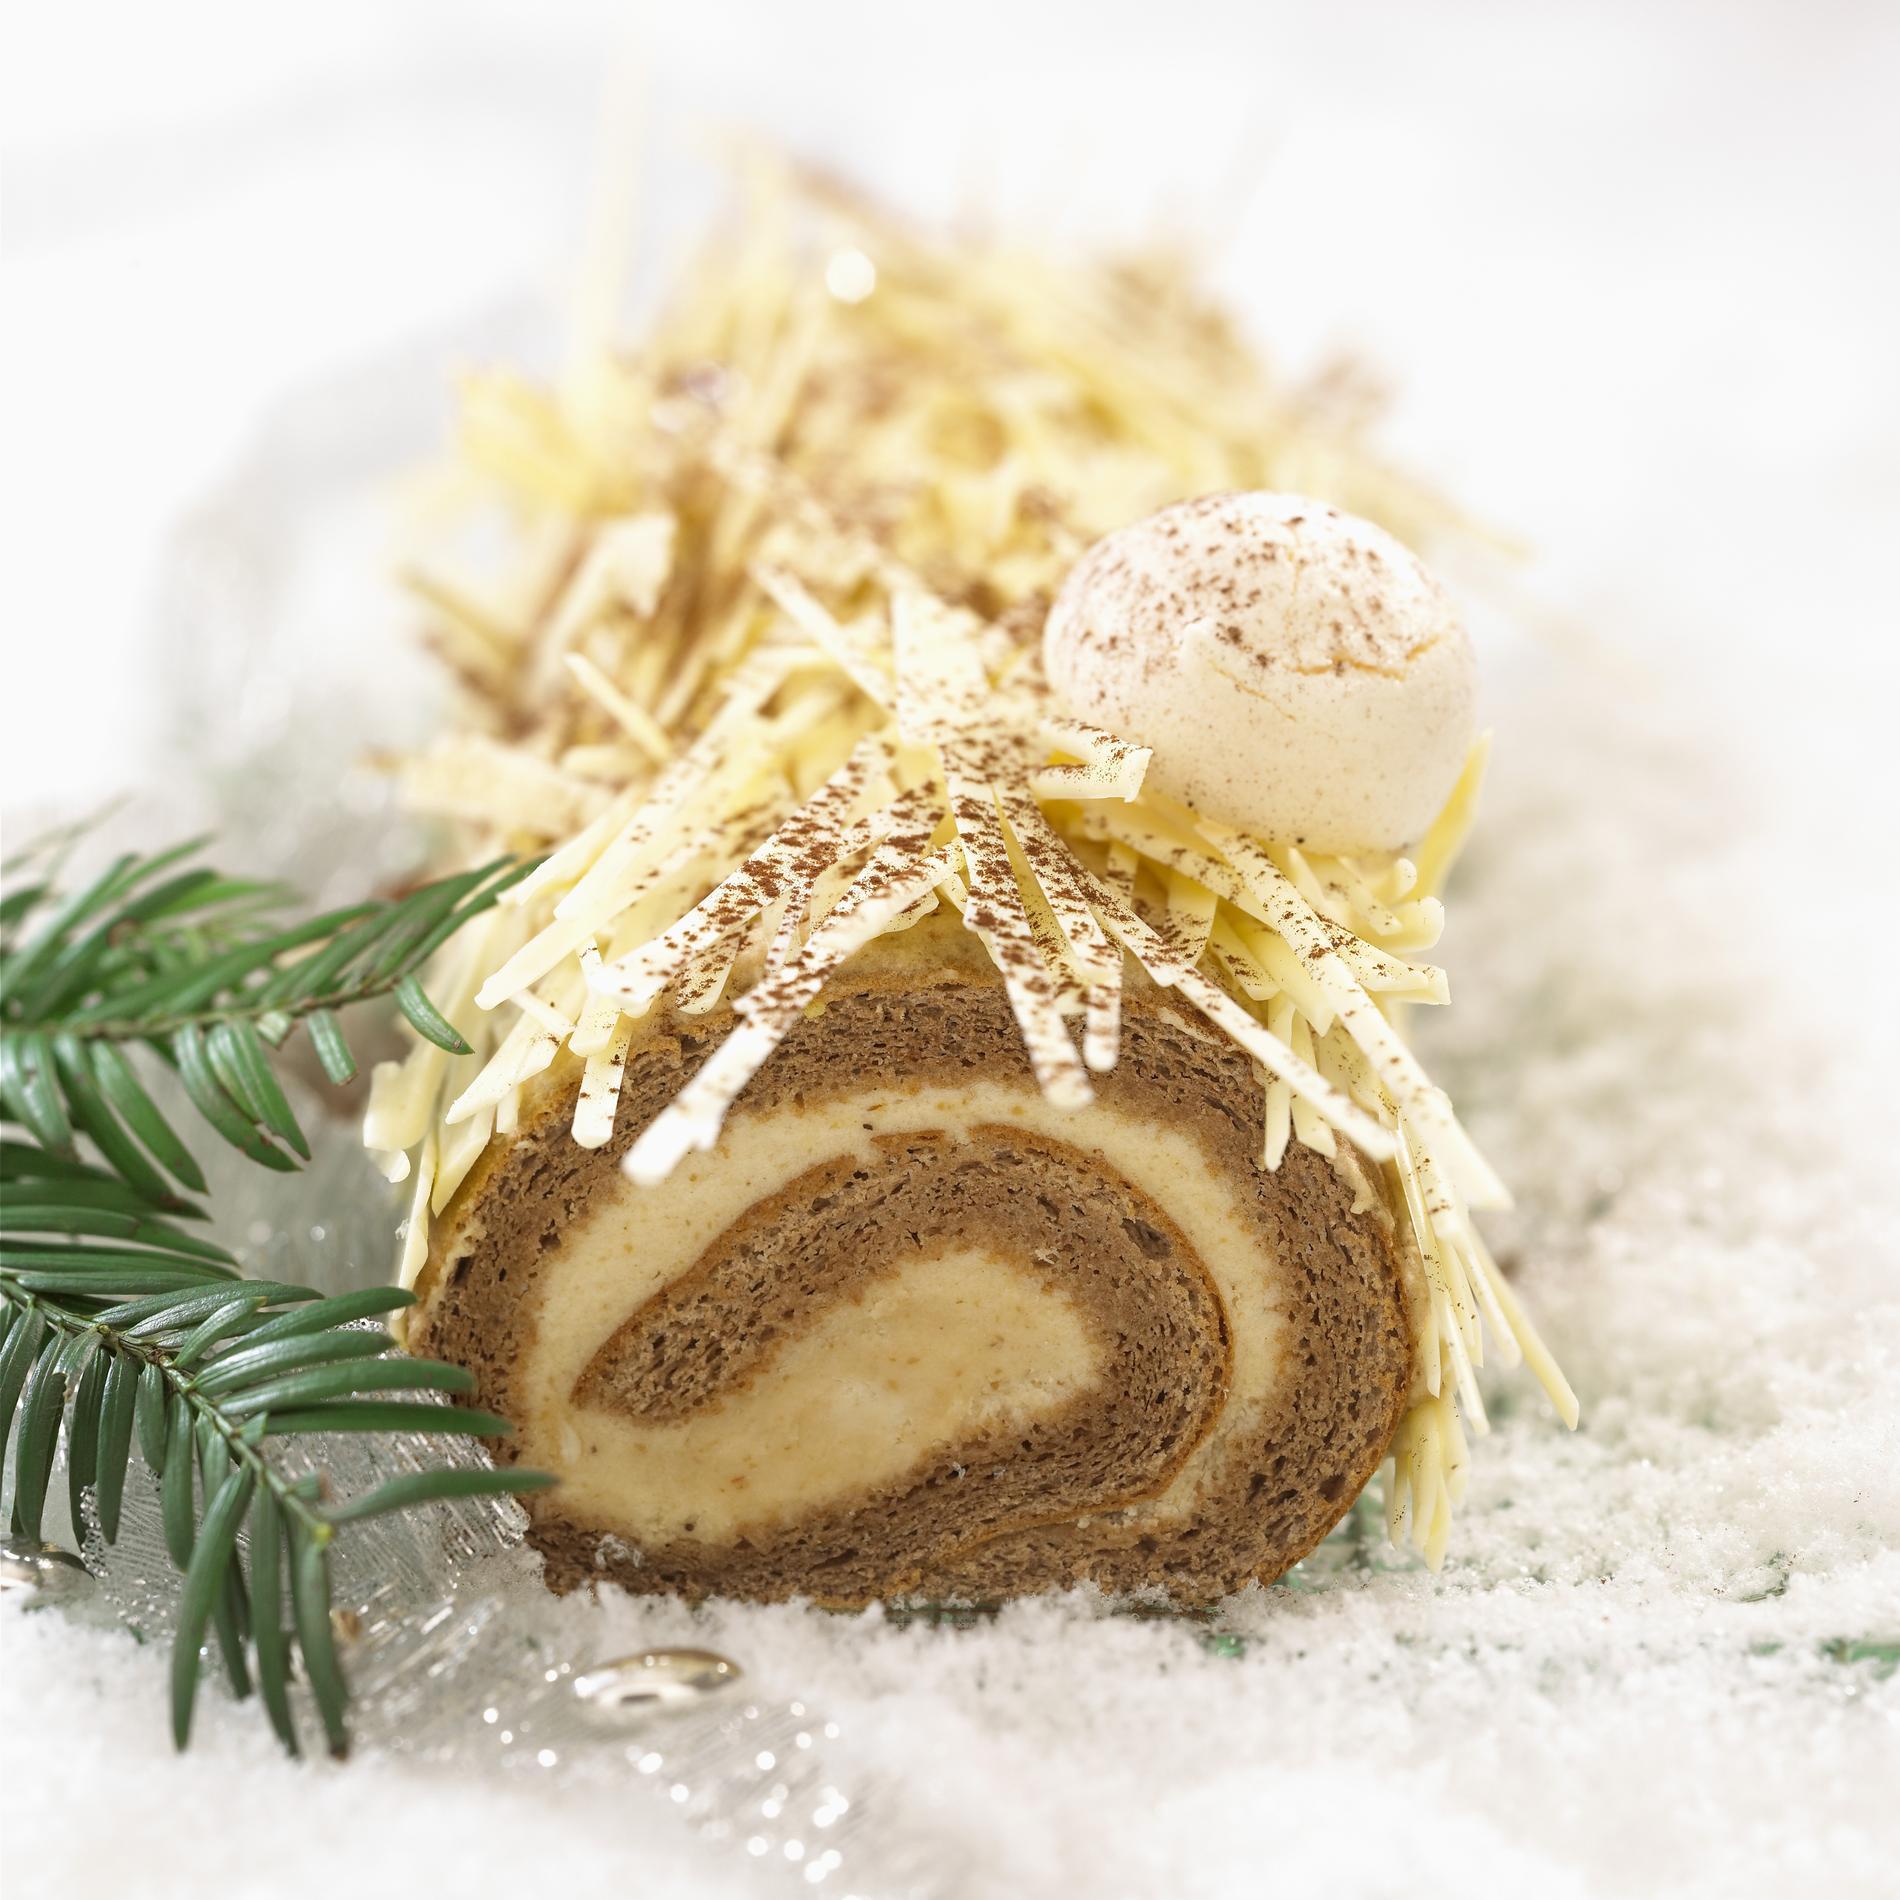 Recette Buche De Noel A La Creme De Marron Et Au Chocolat Blanc